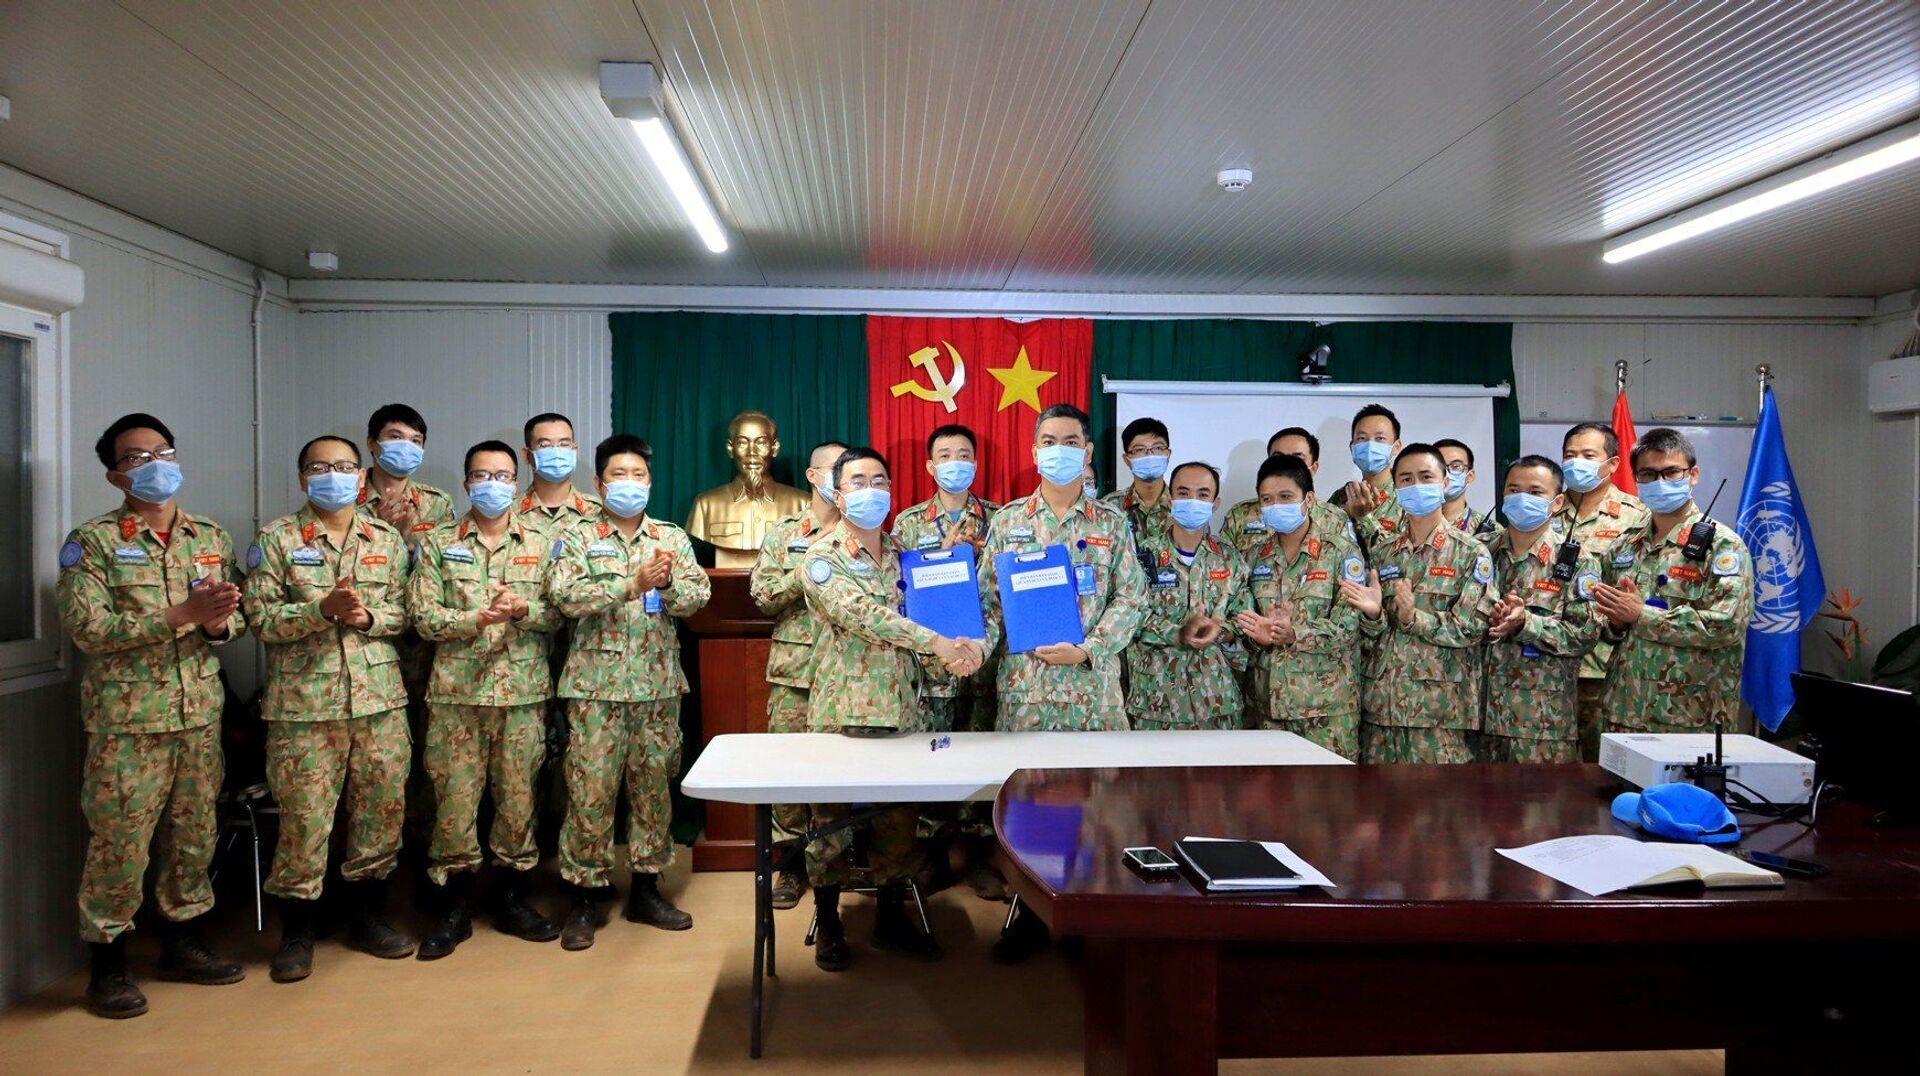 Phái bộ gìn giữ hòa bình Việt Nam tại Liên hợp quốc tại Nam Sudan - Sputnik Việt Nam, 1920, 05.10.2021